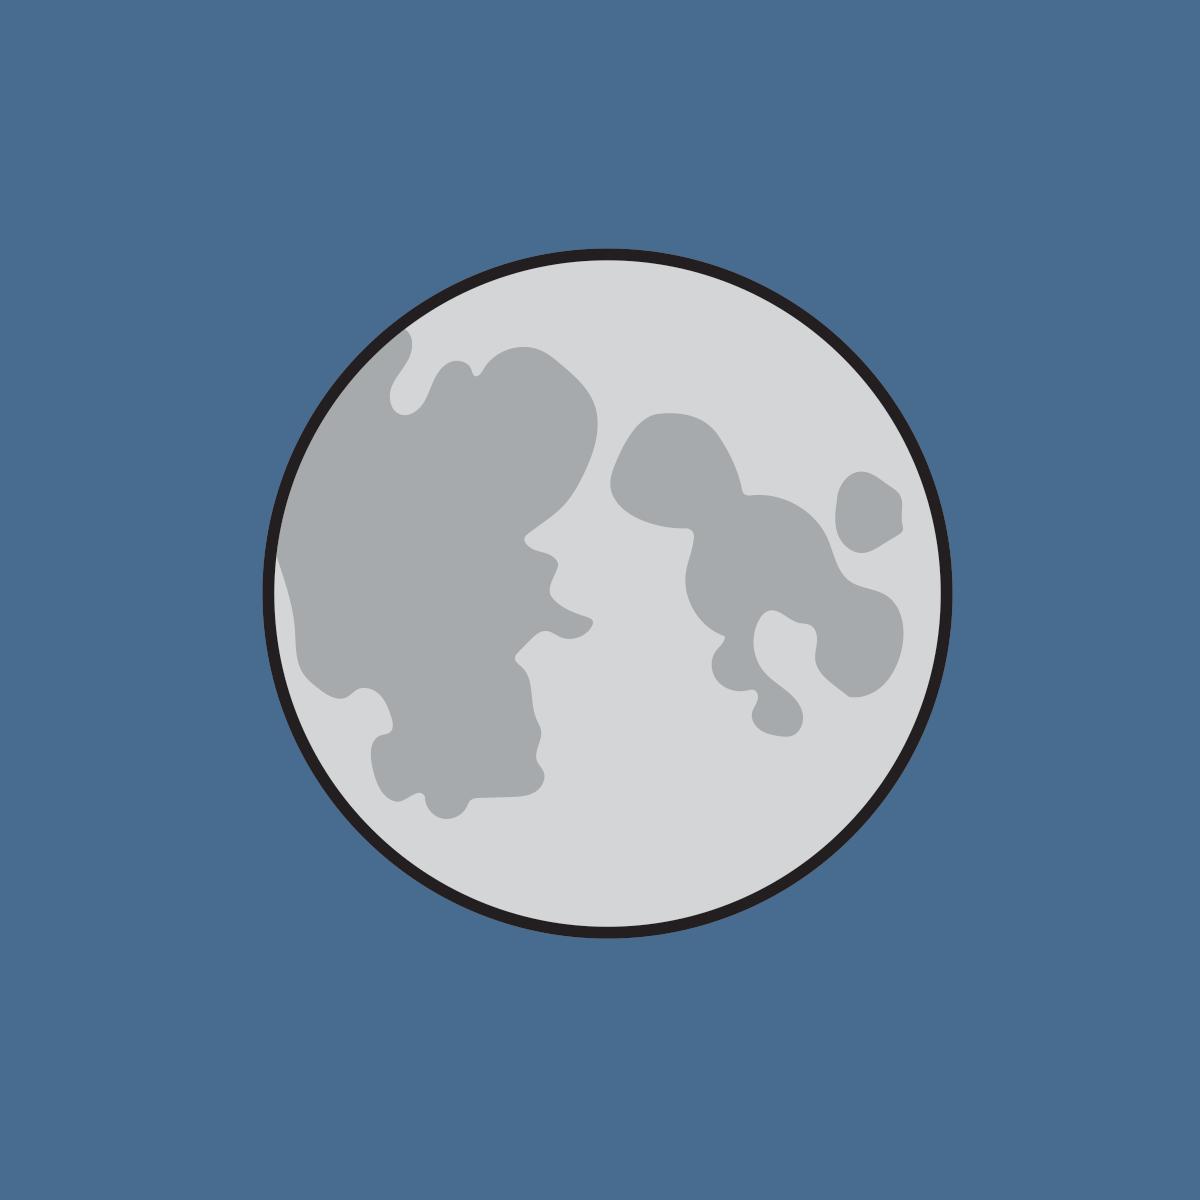 117 moon